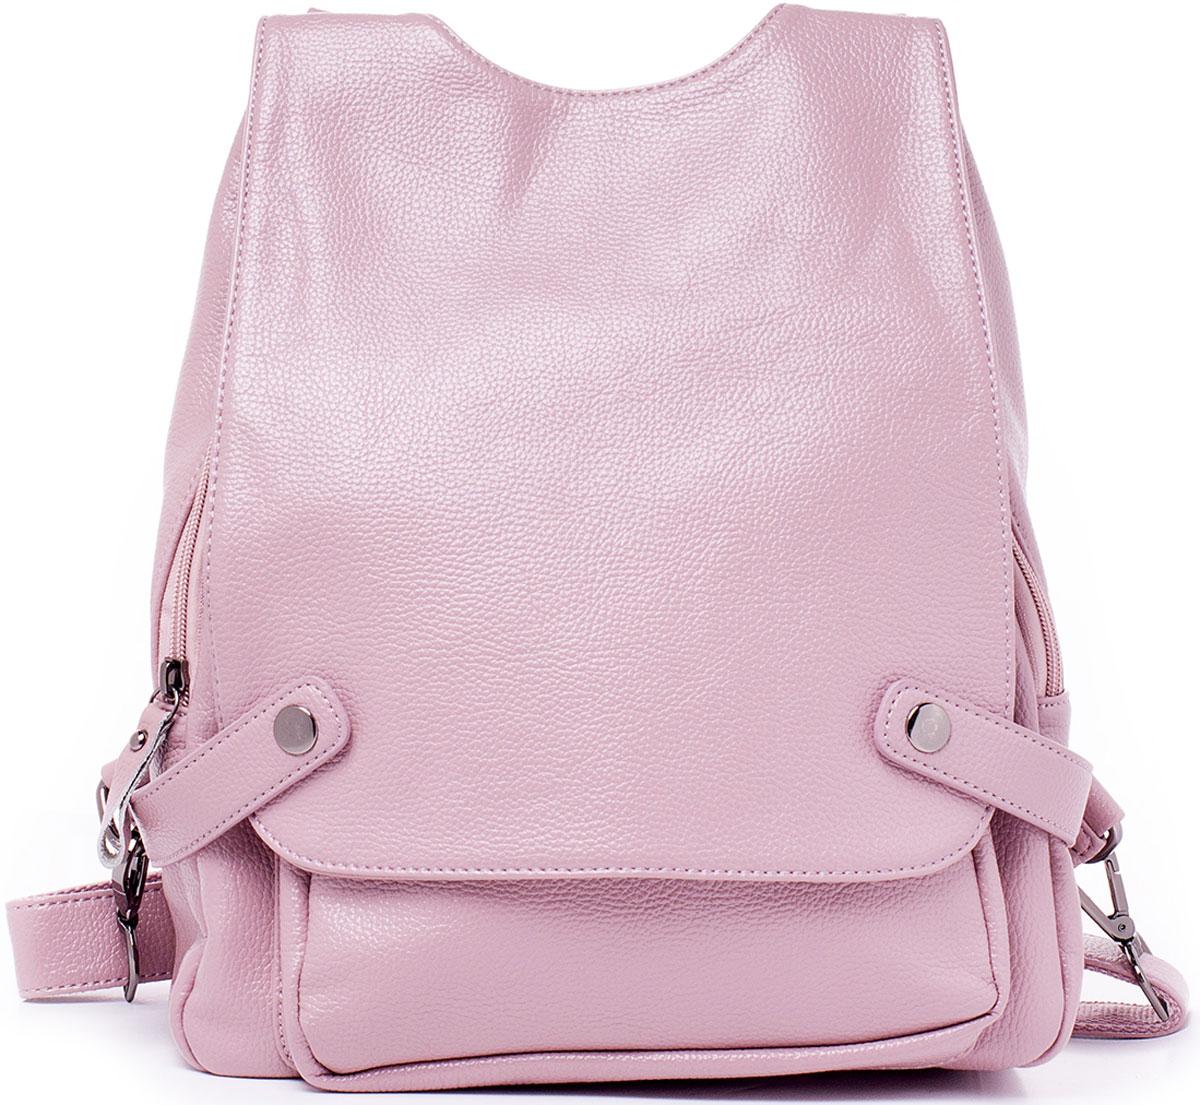 Рюкзак женский Baggini, цвет: розовый. 29850/6329850/63Многофункциональный рюкзак-трансформер Baggini обрадует вас своей практичностью и уникальностью. Рюкзак имеет две отстежные регулируемые наплечные лямки и одну отстежную ручку, все пристегивается и отстегивается на удобных карабинах. Благодаря этому, по вашему желанию, рюкзак может превращаться в сумку. Все передние карманы и отделения рюкзака надежно защищены от нежелательного проникновения большой пристегивающейся на кнопки крышкой. Под крышкой находится один вместительный накладной наружный карман на магнитной кнопке и главное отделение на застежке-молнии. Внутри отделения имеются два накладных кармашка для телефона или мелочей, один прорезной карман на застежке-молнии, карман-разделитель, так же на молнии, и накладной карман за ним. Снаружи рюкзака так же имеется один вертикальный прорезной карман на застежке-молнии, он находится на спинке изделия. Изделие исполнено из высококачественной экокожи. Обе отстежные лямки и ручка прилагаются.